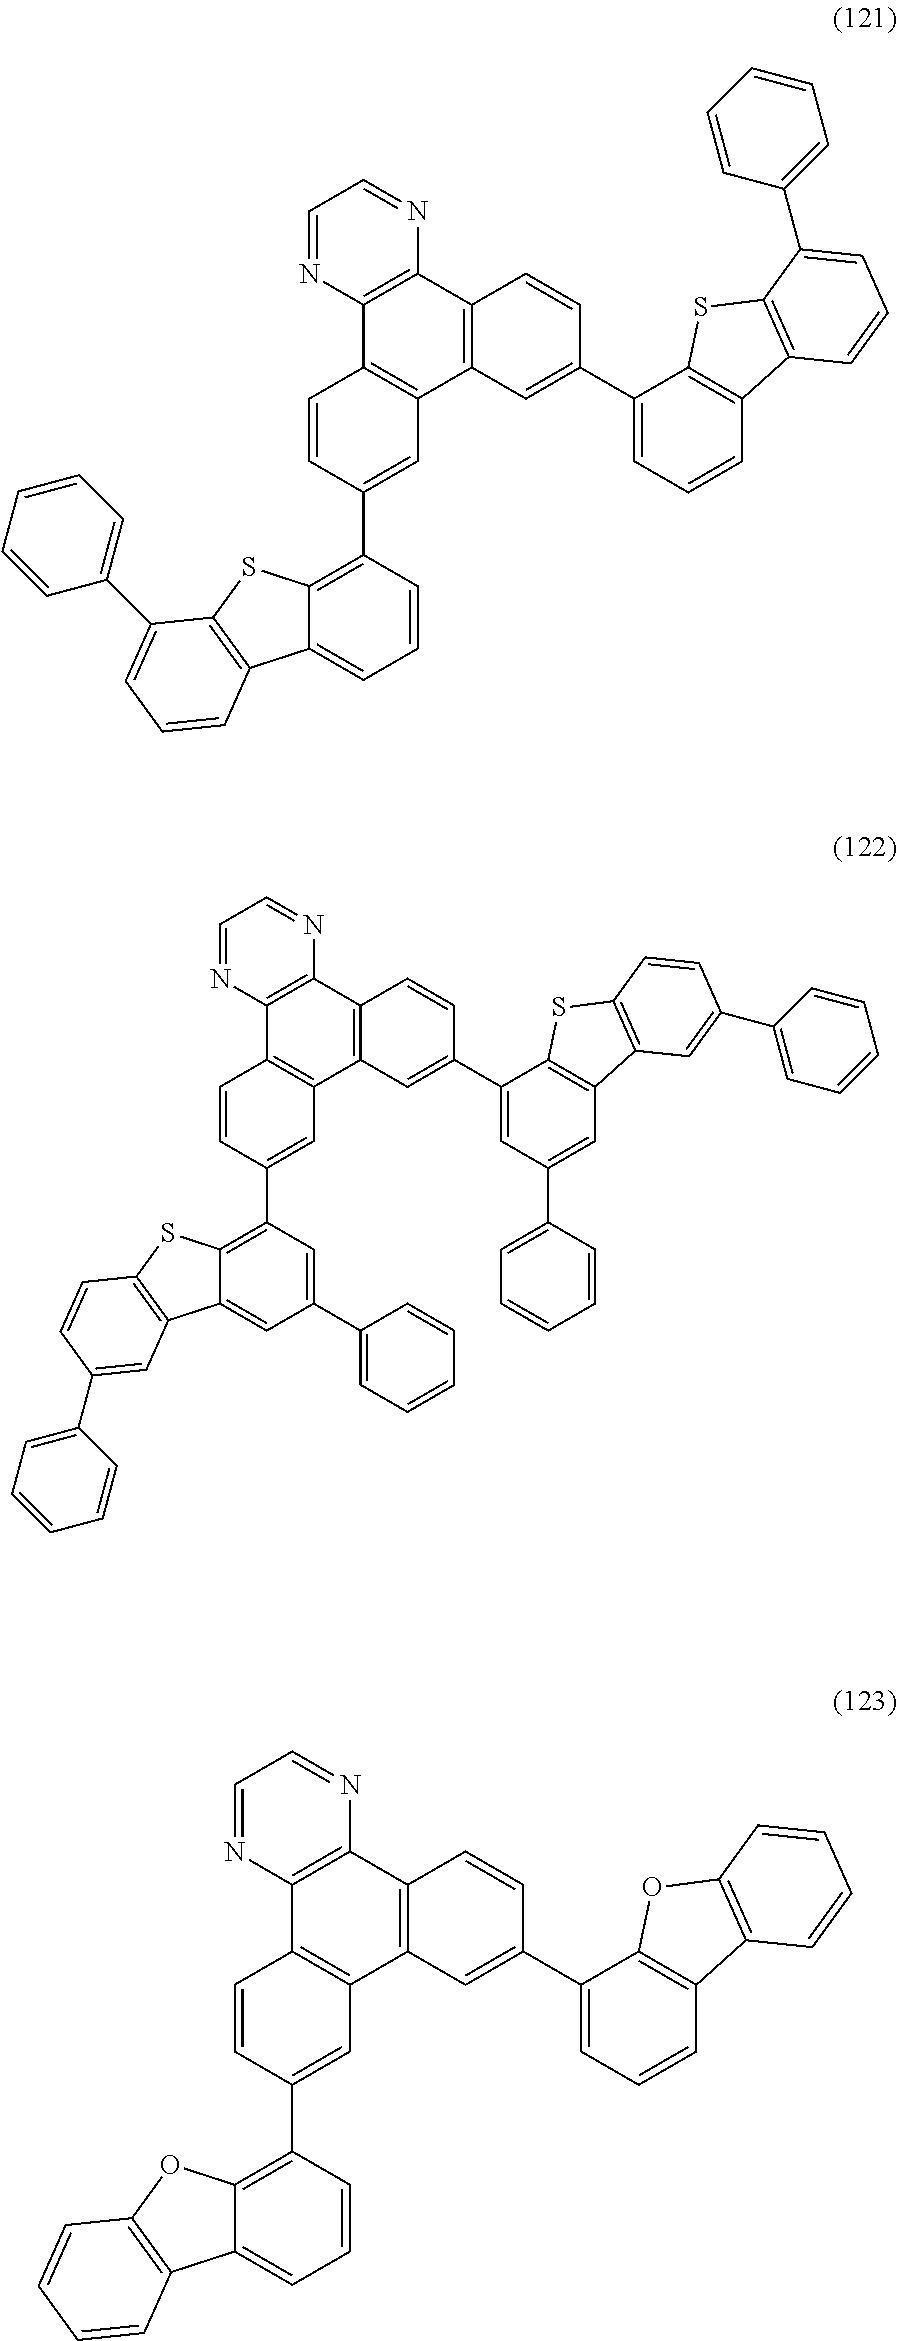 Figure US20130112954A1-20130509-C00029